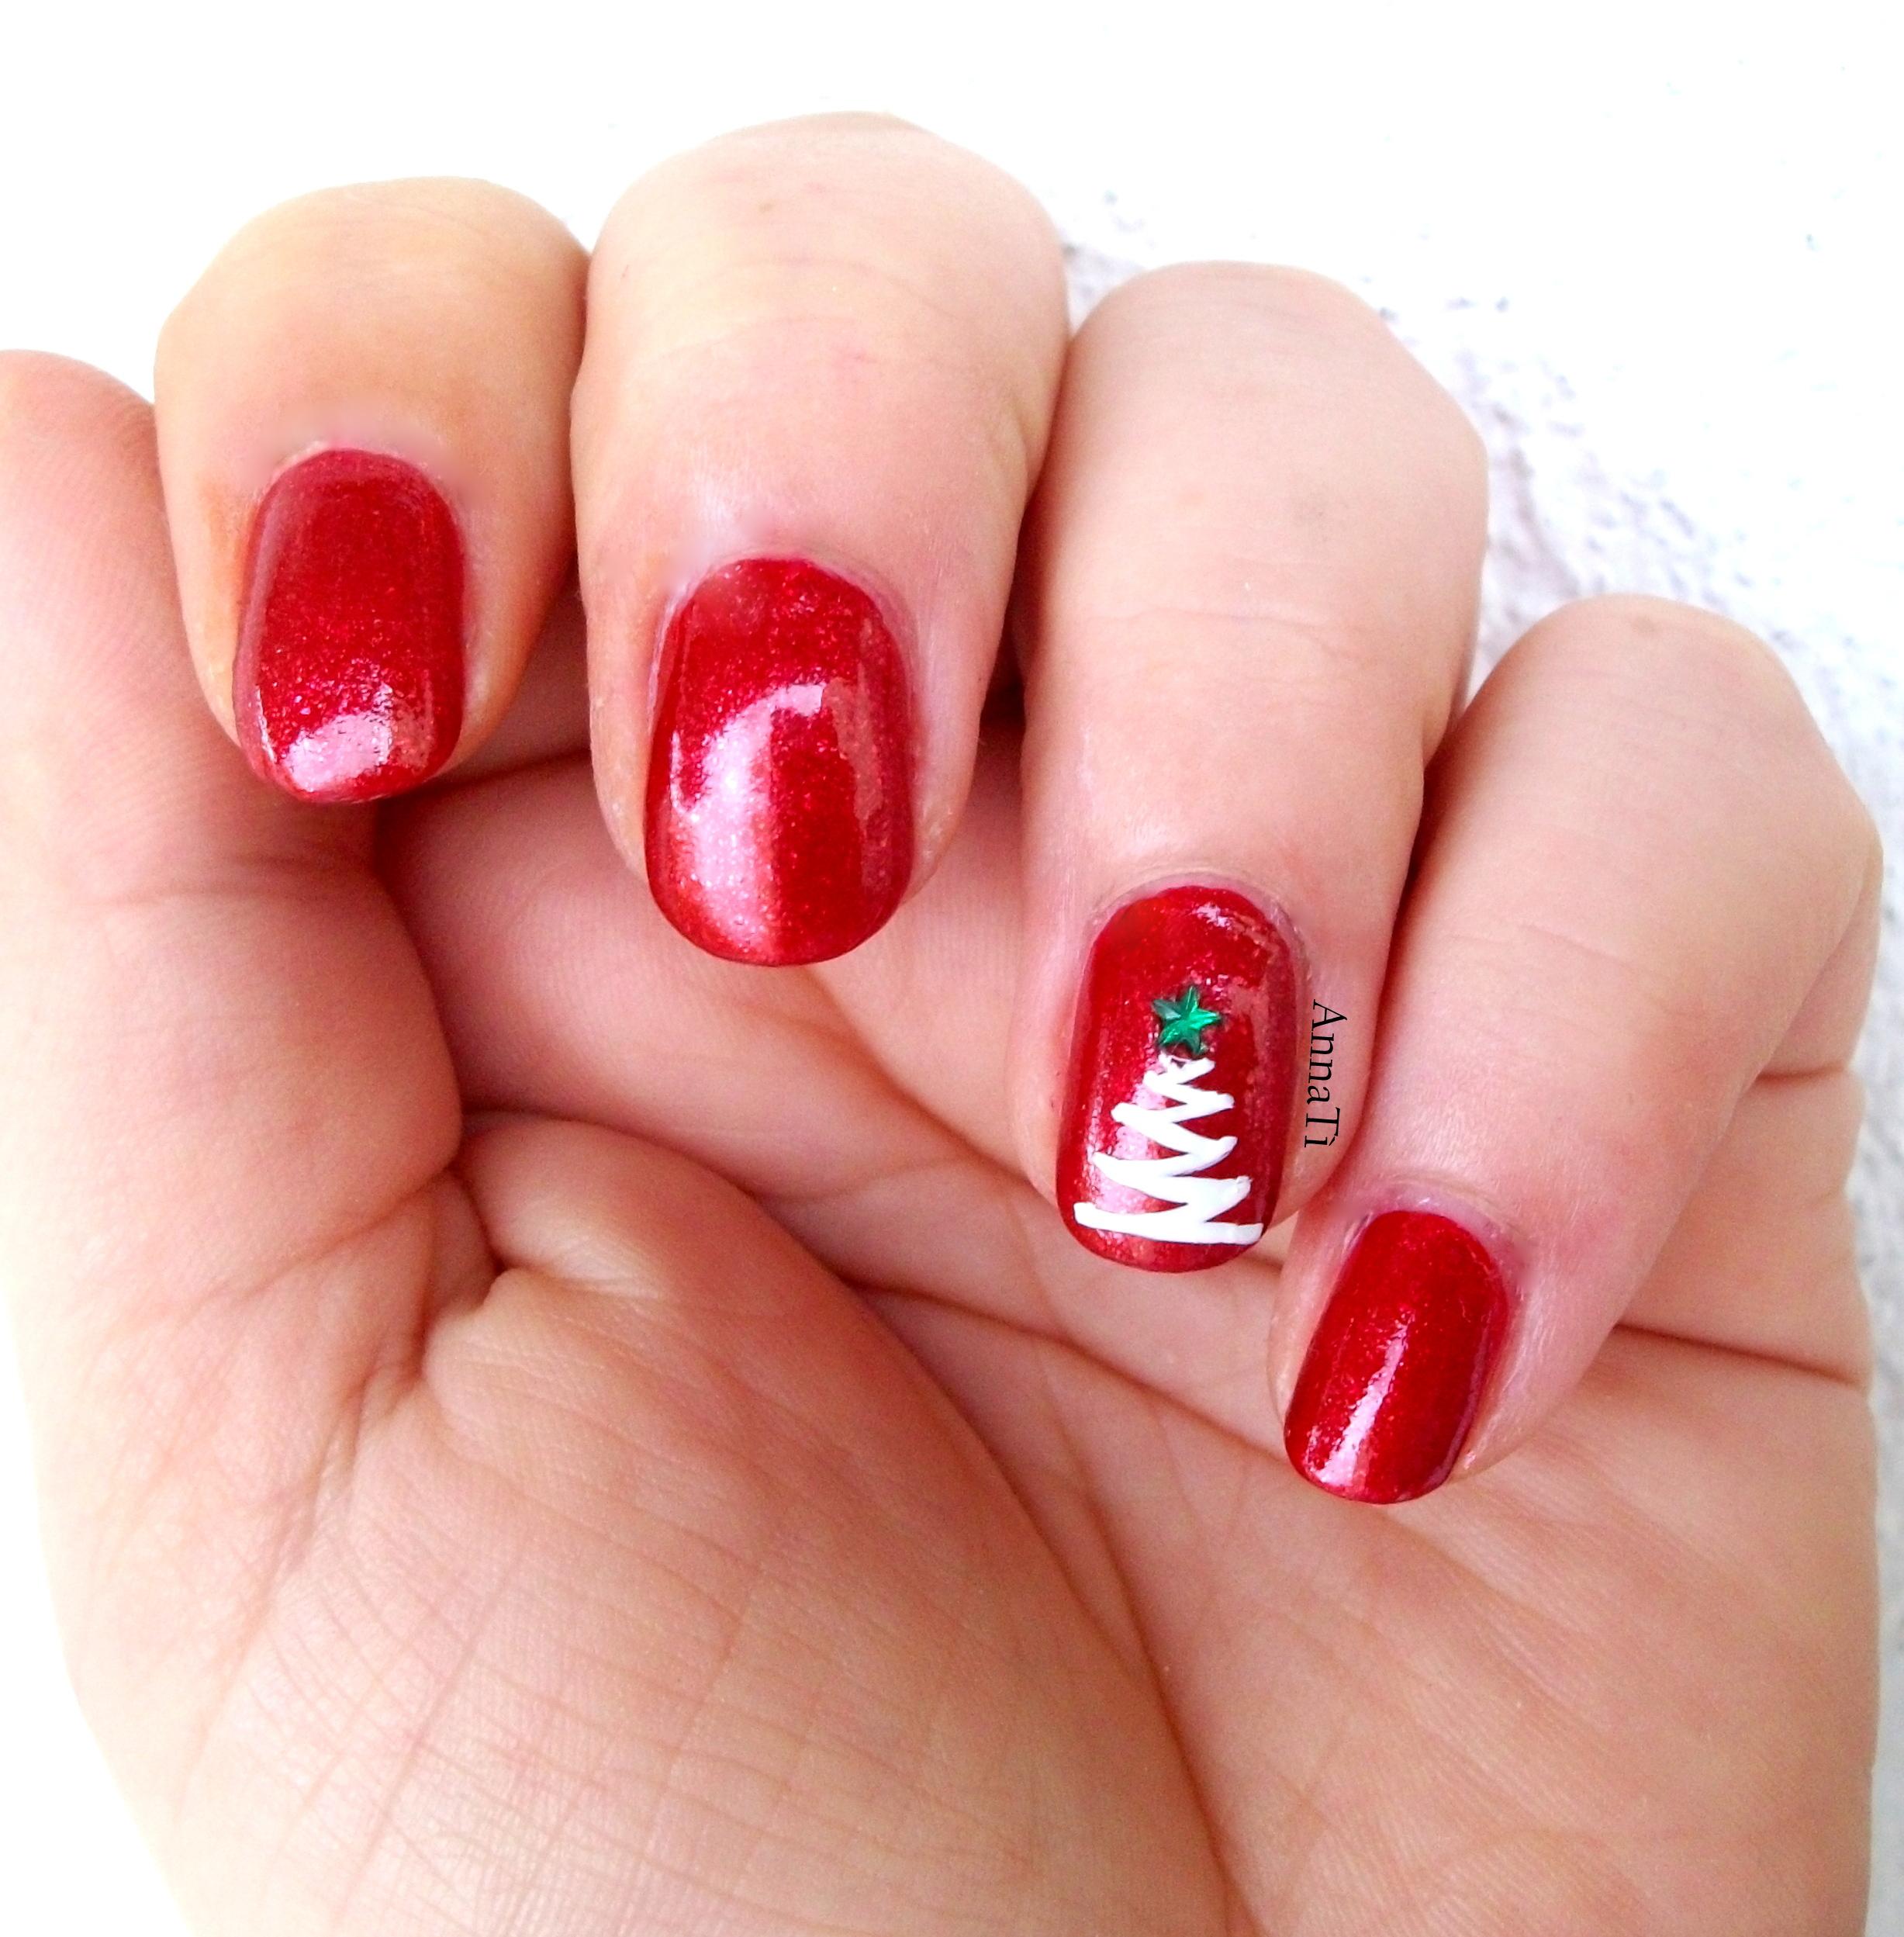 Immagini Unghie Di Natale.Tutorial Nail Art Con L Albero Di Natale